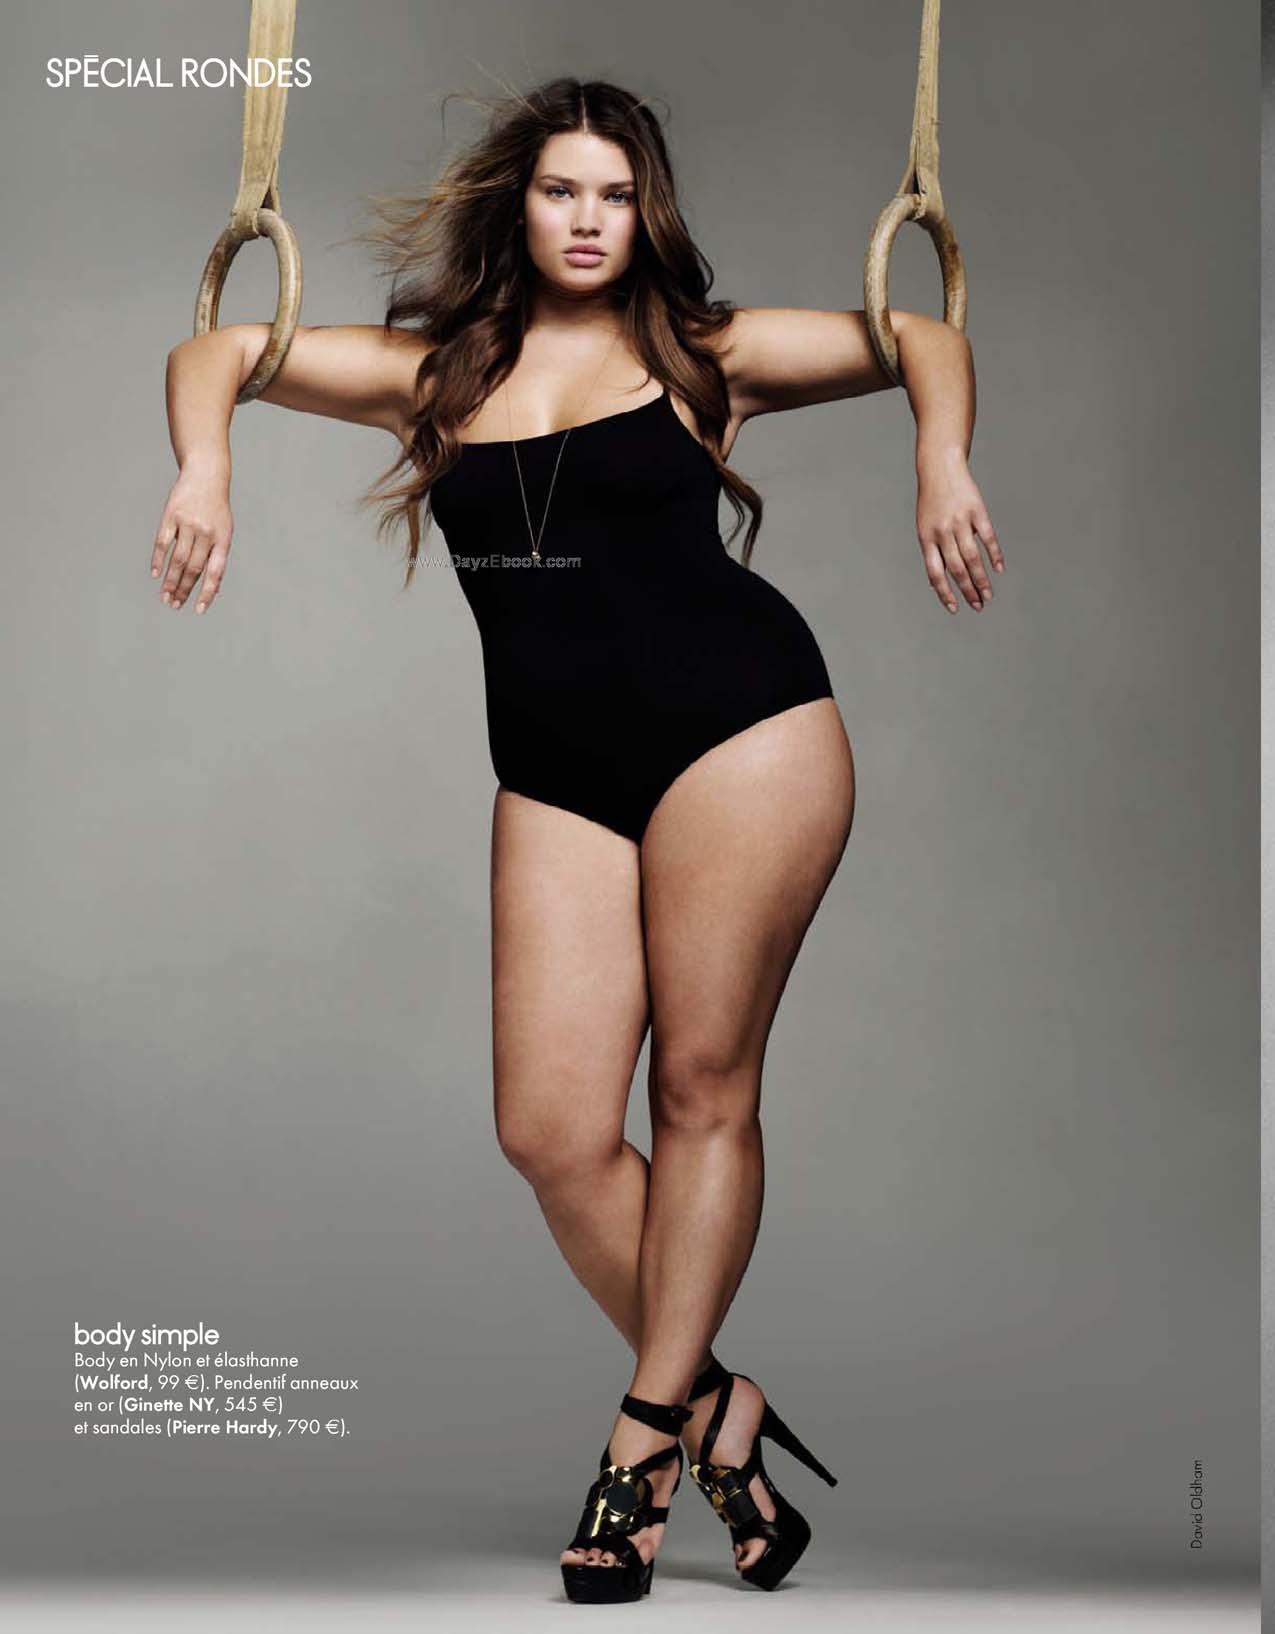 Фото с толстыми дамами 23 фотография